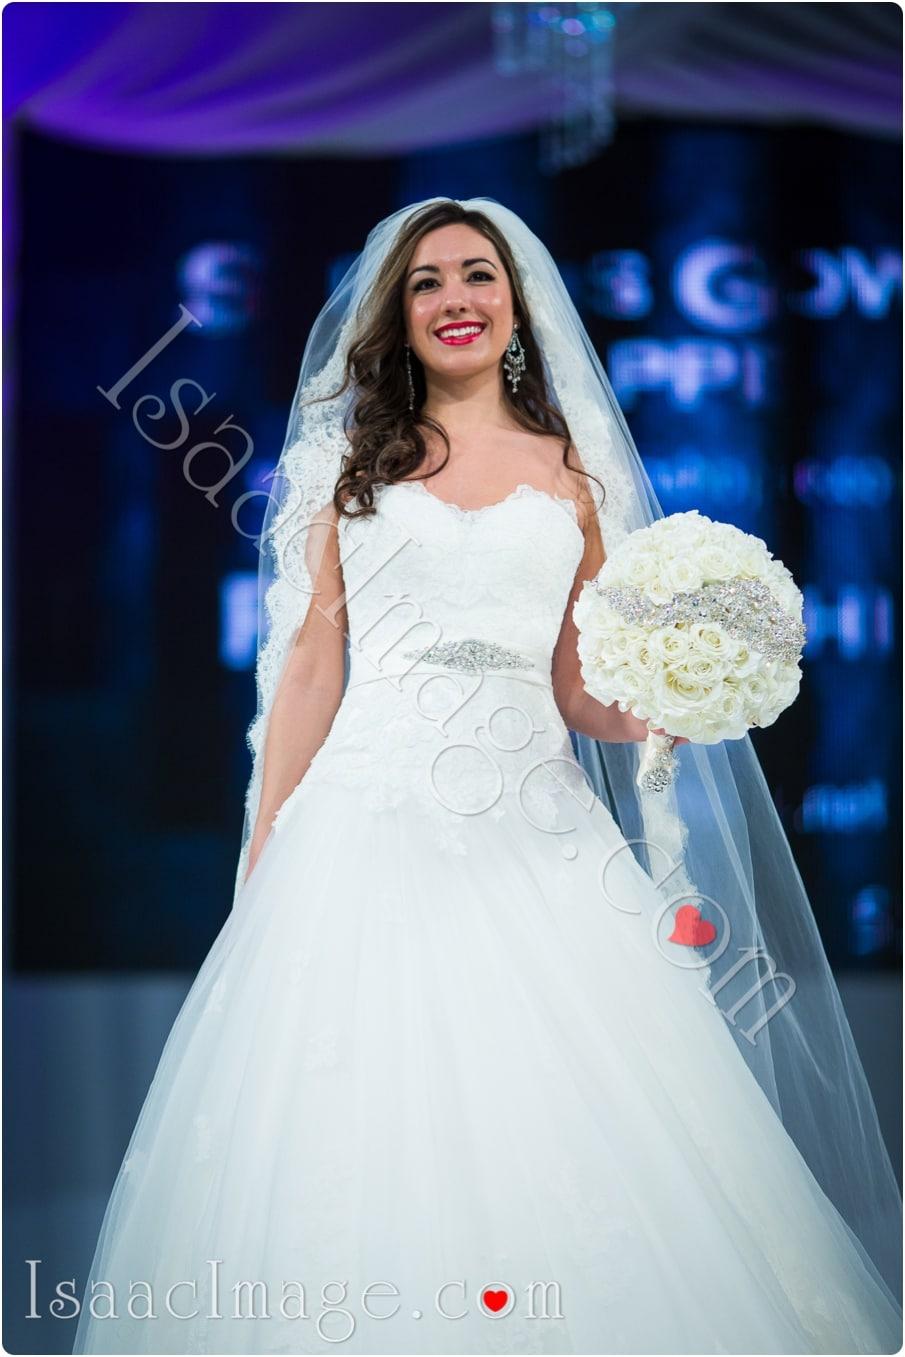 _IIX2245_canadas bridal show isaacimage.jpg